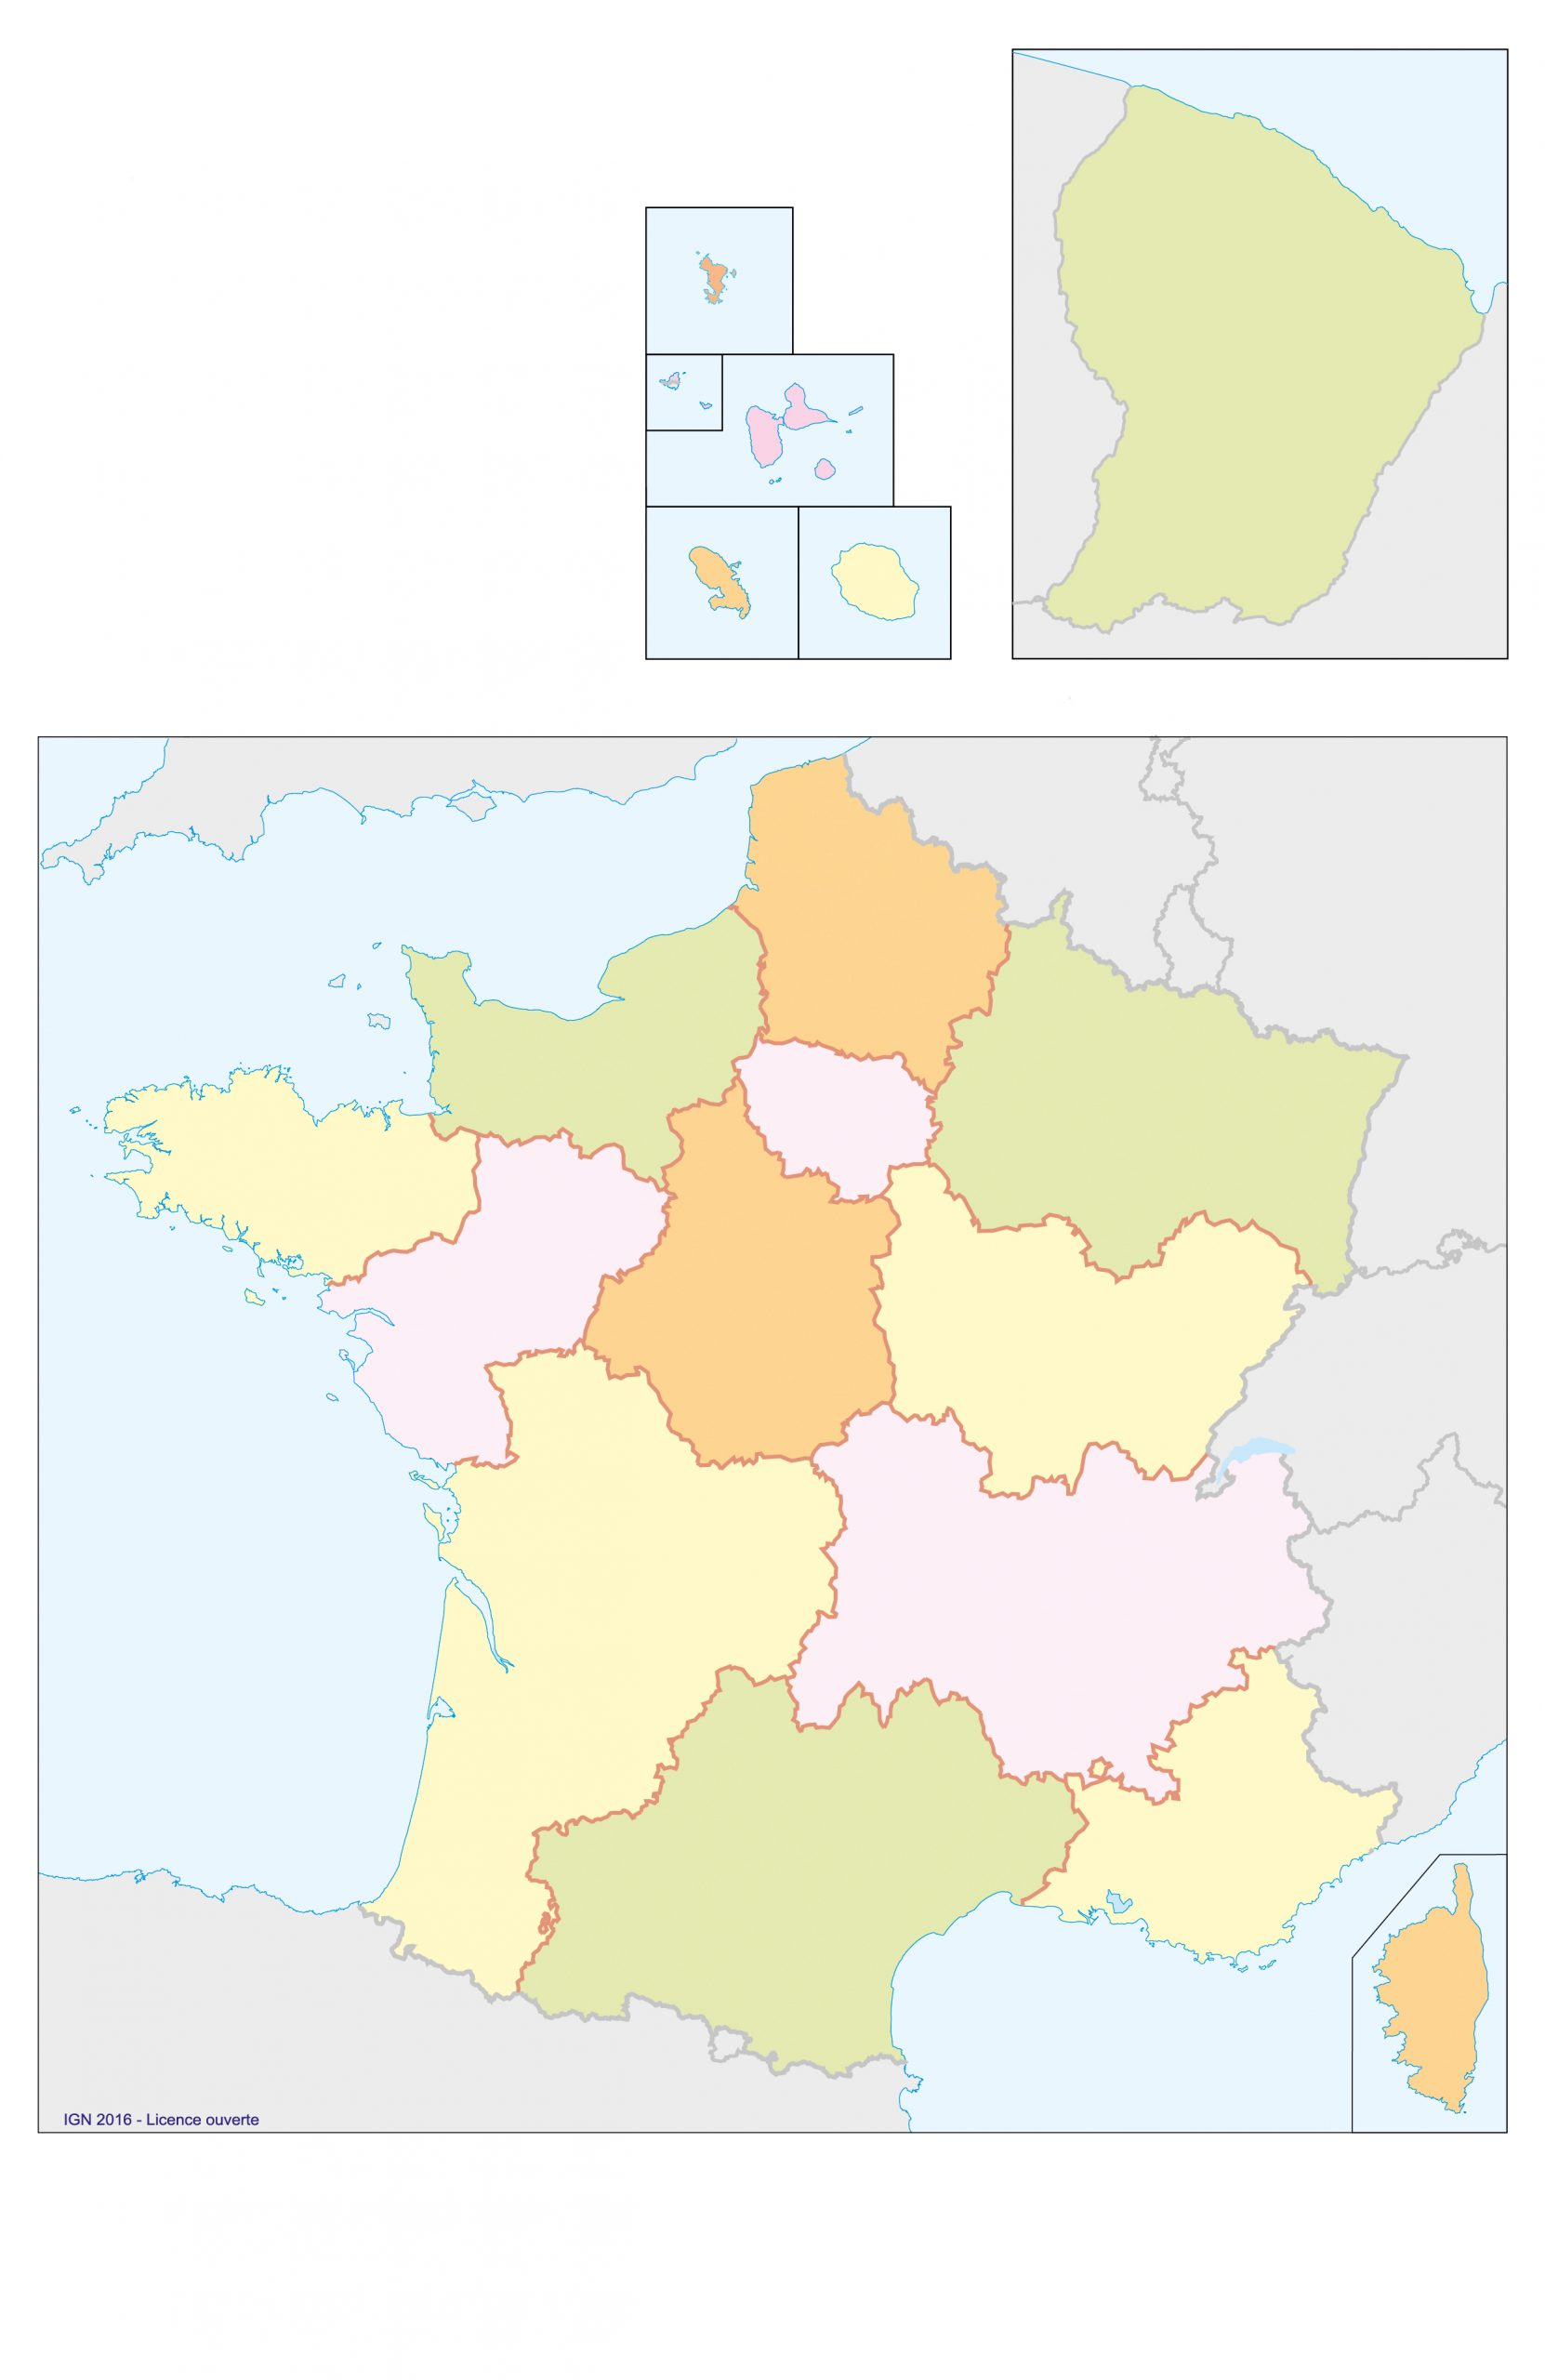 Fonds De Cartes | Éducation concernant Carte Des Régions De France Vierge